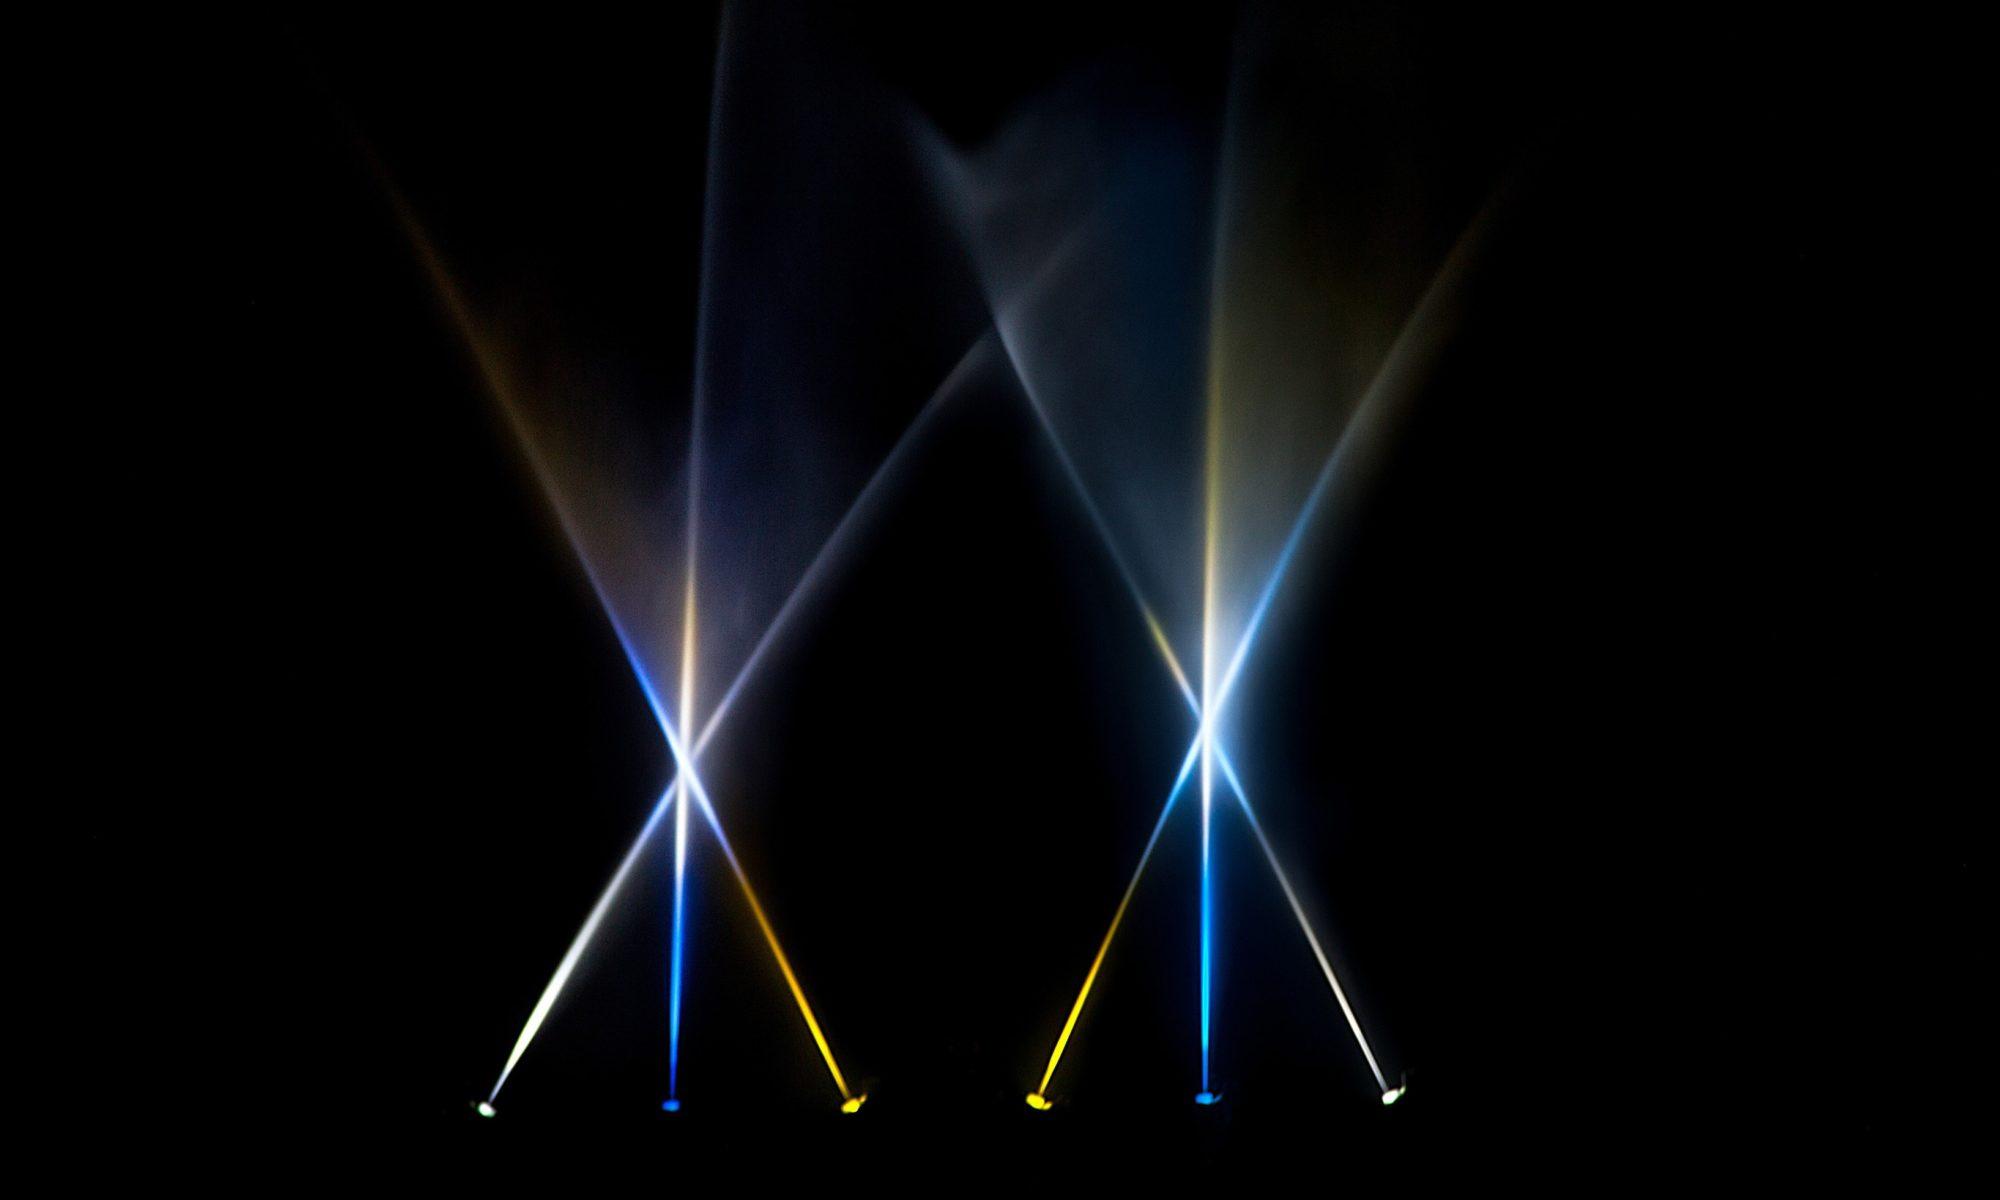 Klang Wasser Lichtspiele